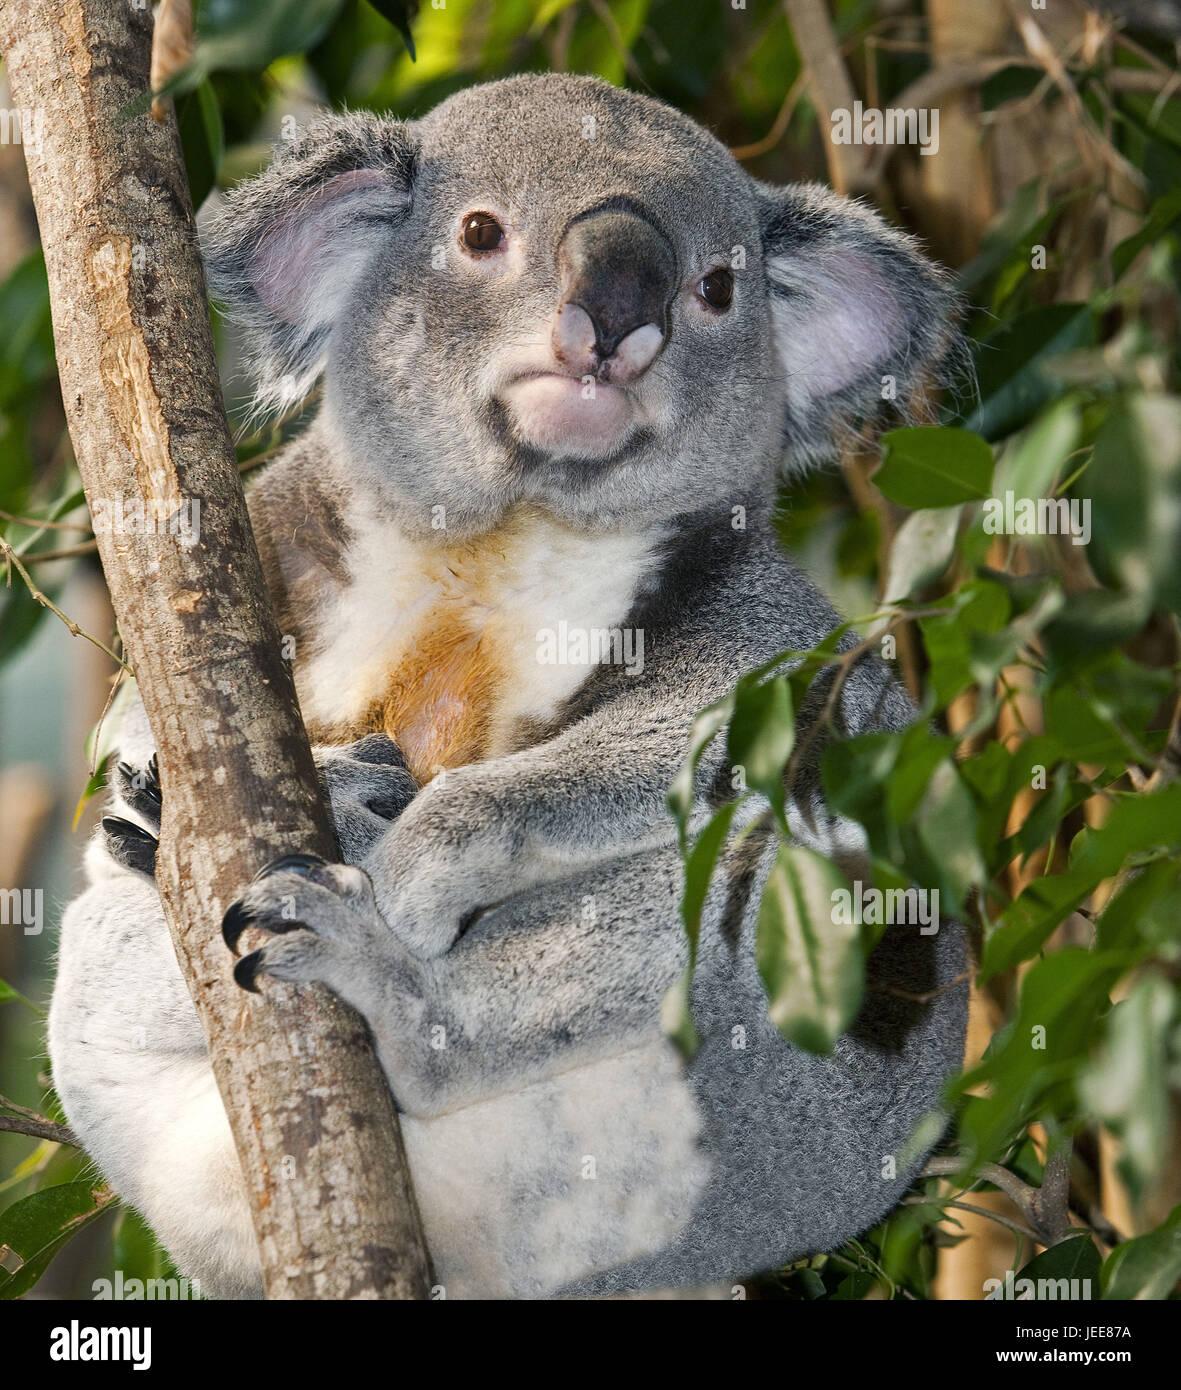 Los koalas, Phascolarctos cinereus, poco hombres, sentarse, sucursal Imagen De Stock